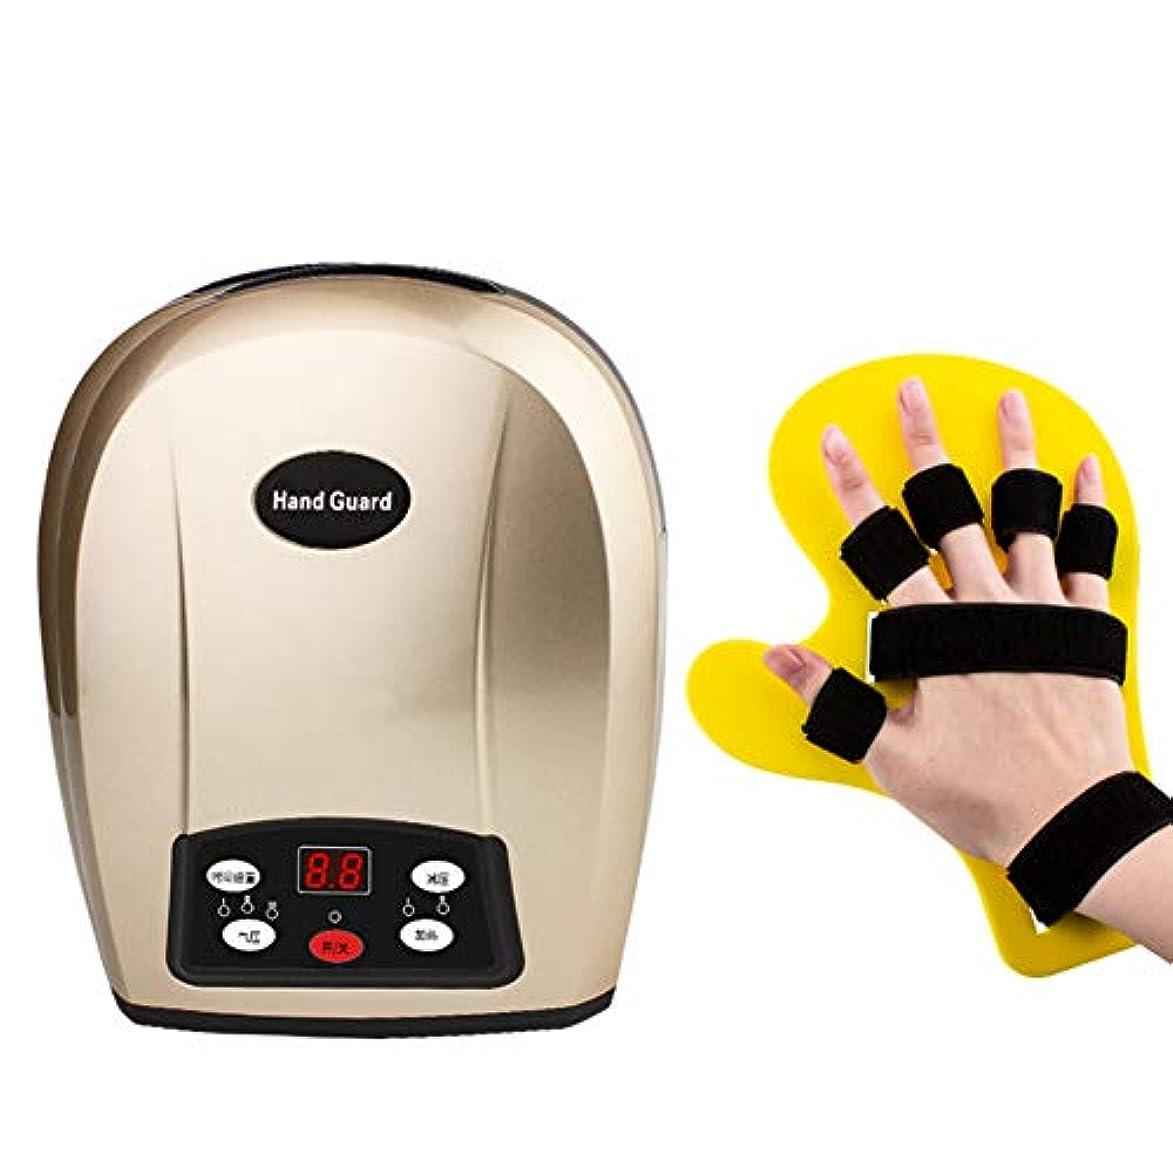 配置良さ準拠関節炎の鎮痛、調節可能な圧力とタイマーのための混練と熱療法を備えた電動ハンドマッサージ器,MassagerAndFingerSeparator